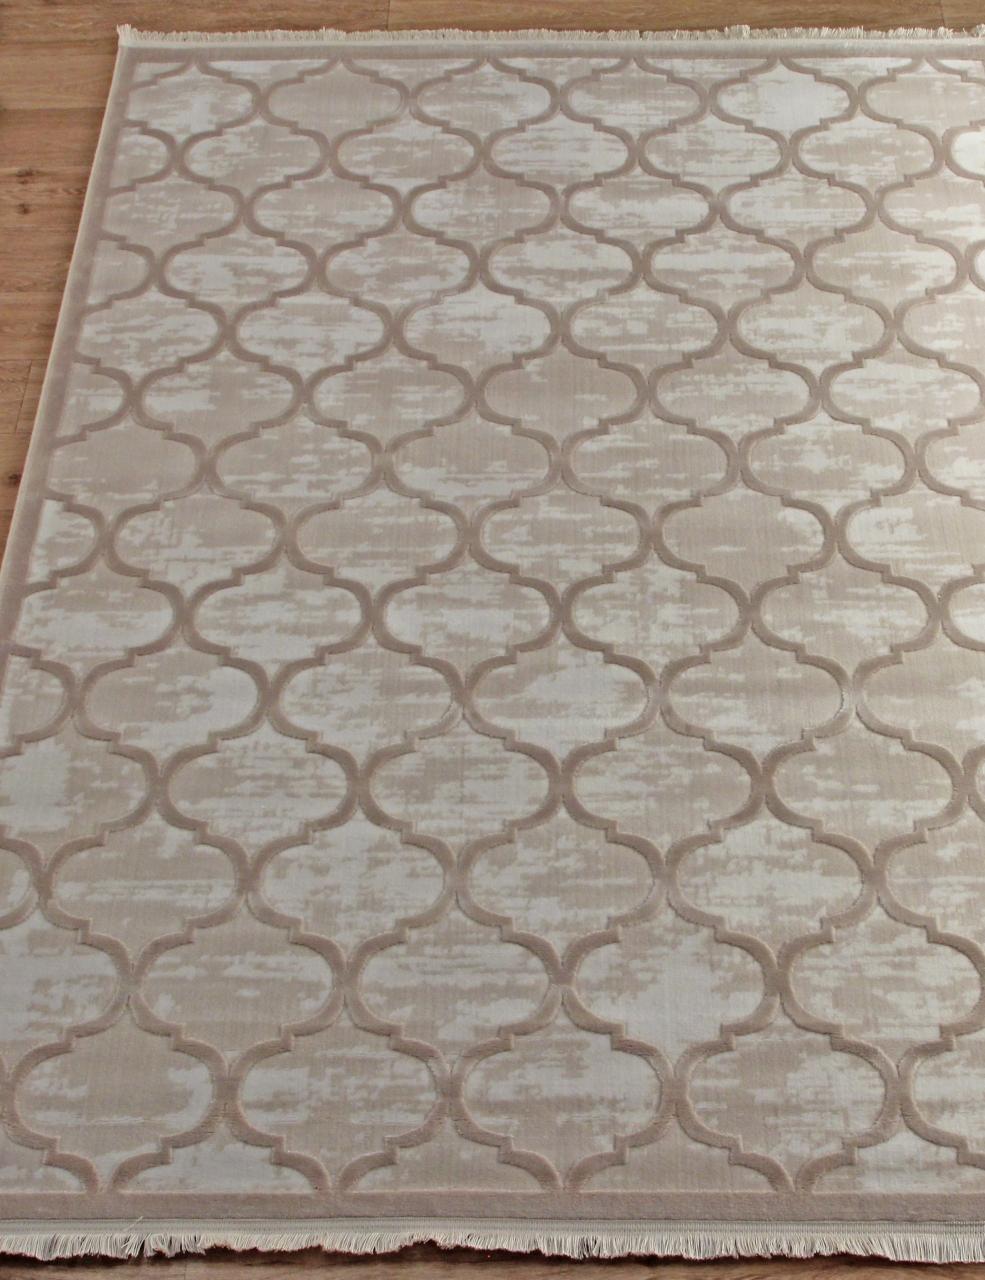 Ковер 08422A - BEIGE / BEIGE - Прямоугольник - коллекция SARDES TRUVA - фото 2